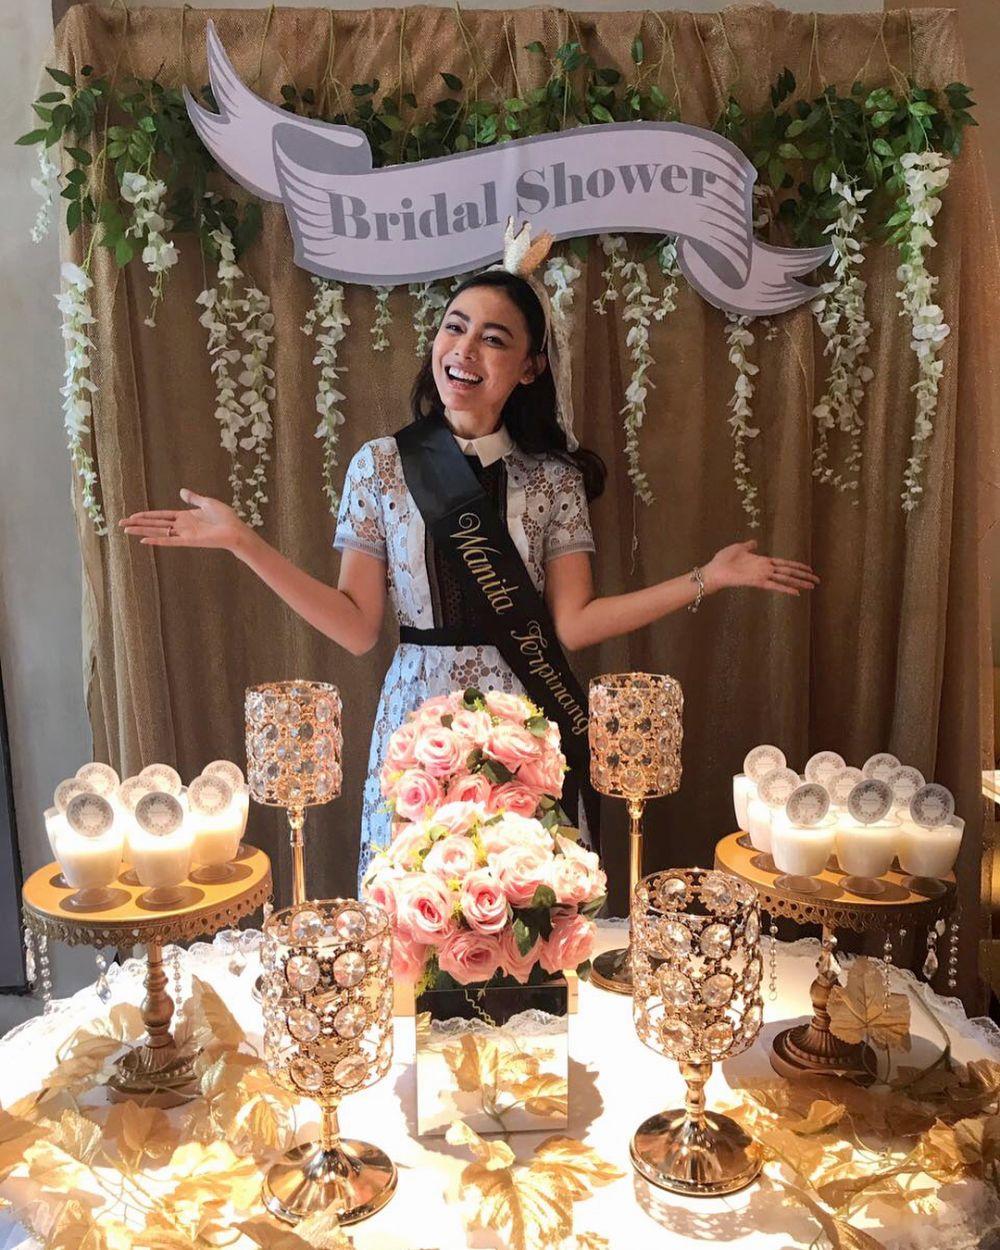 bridal shower Whulandary Herman © 2018 instagram